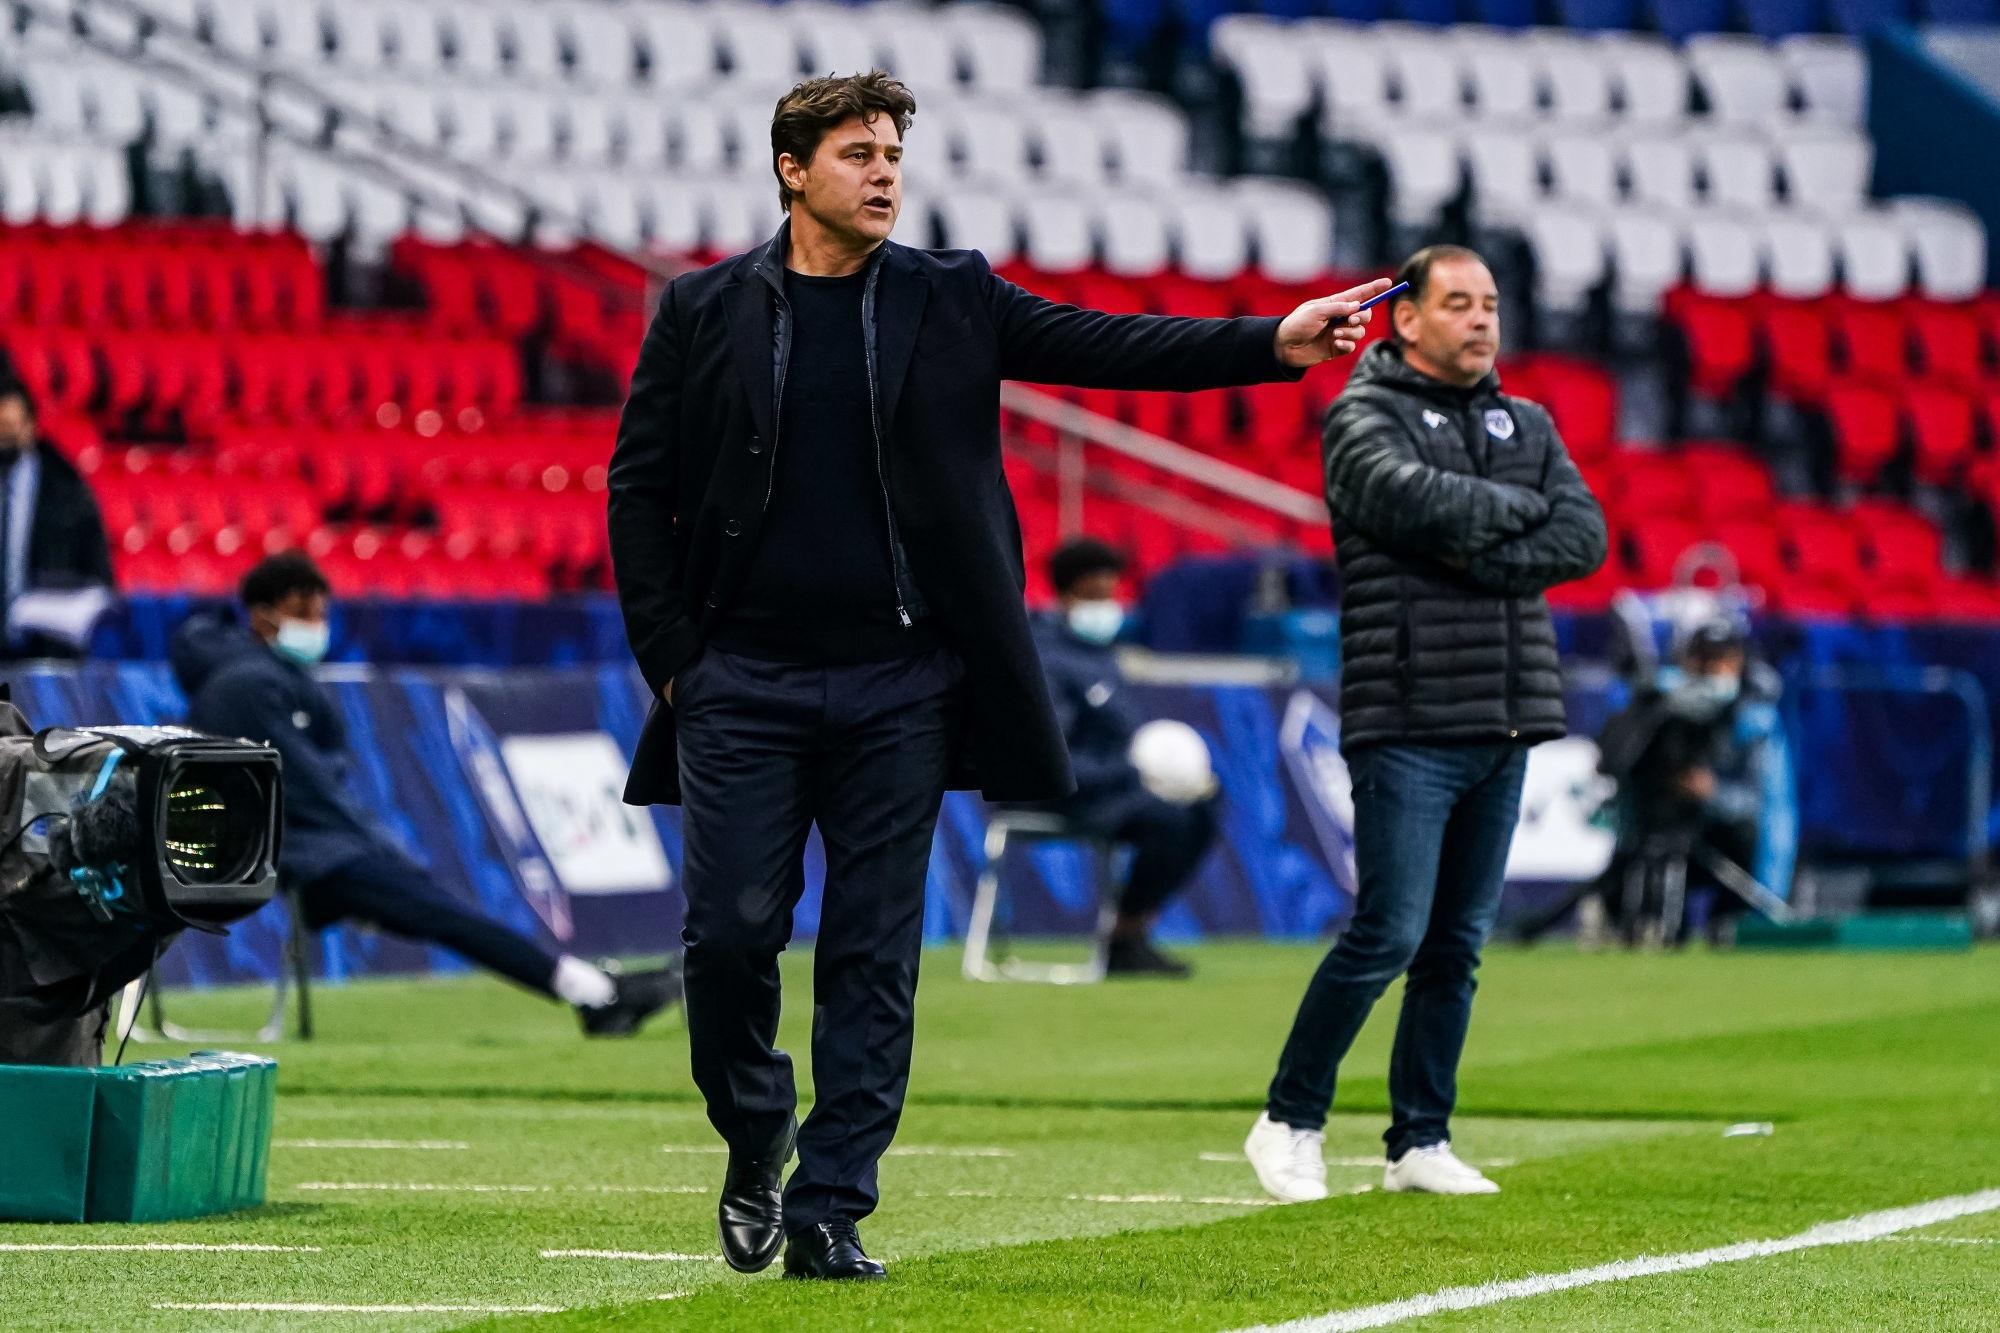 """PSG/Angers - Pochettino est """"heureux"""" même s'il y a """"des habitudes que nous devons changer"""""""